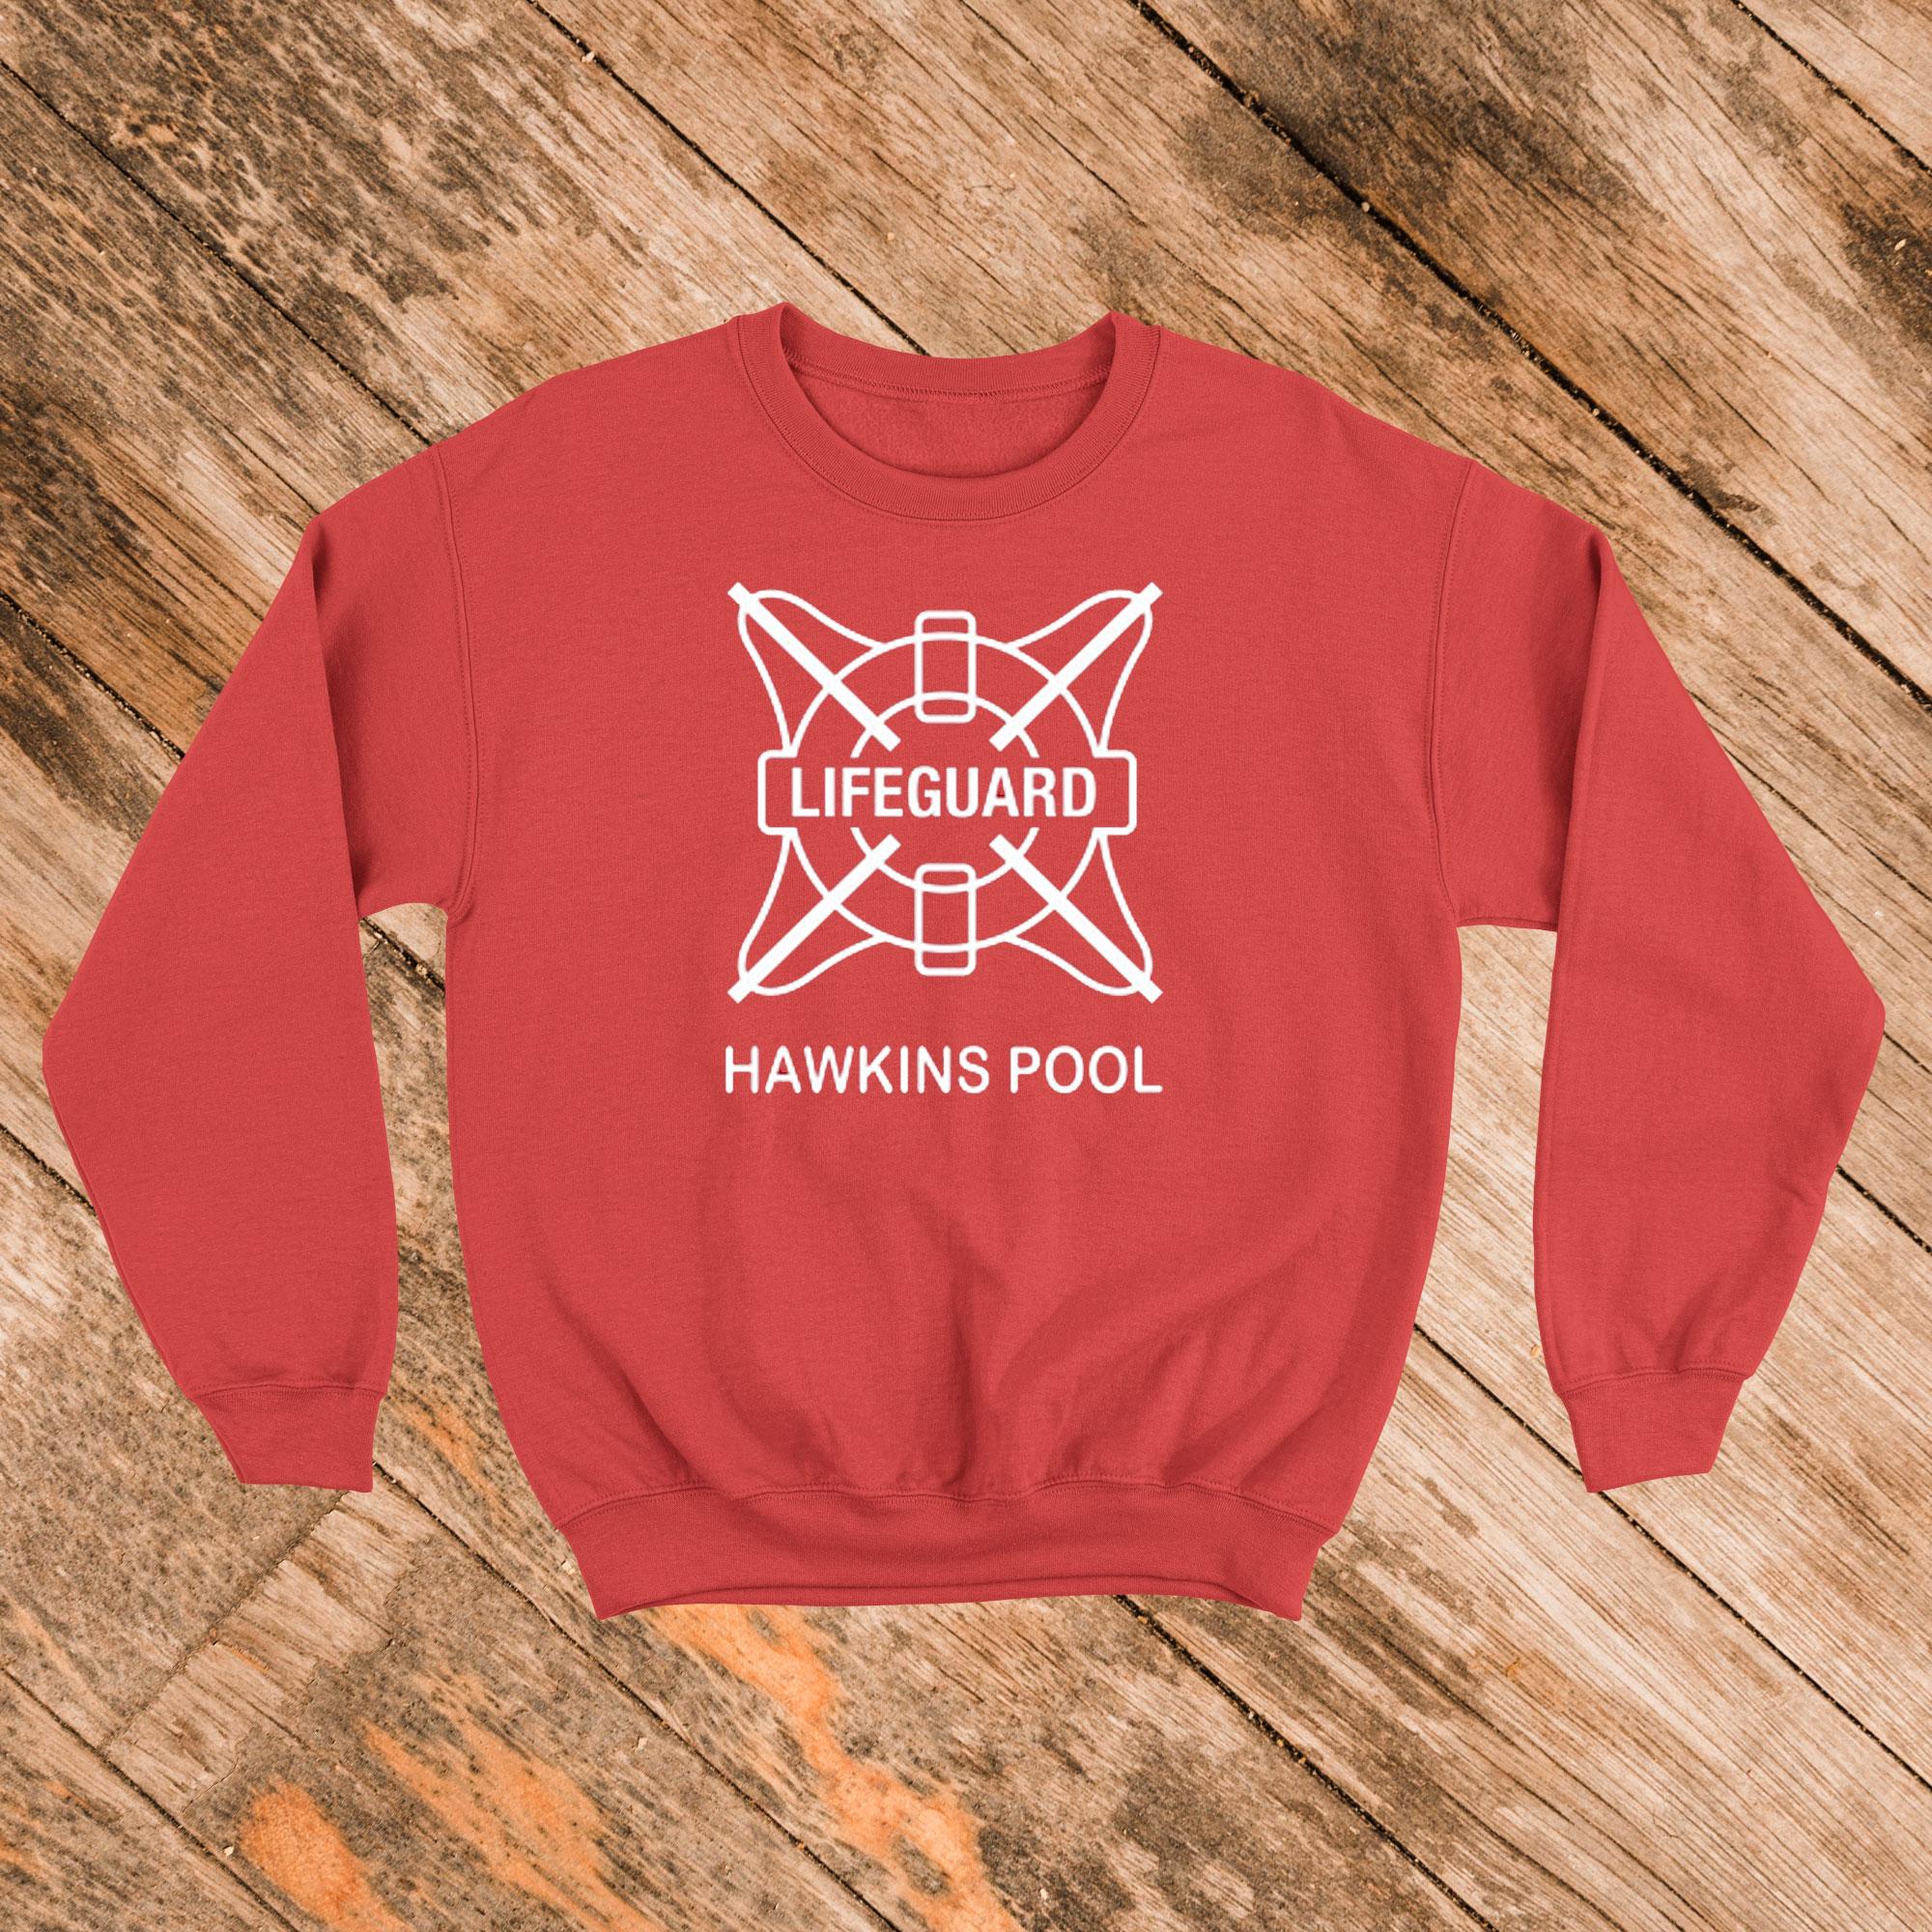 Hawkins Lifeguard Sweatshirt